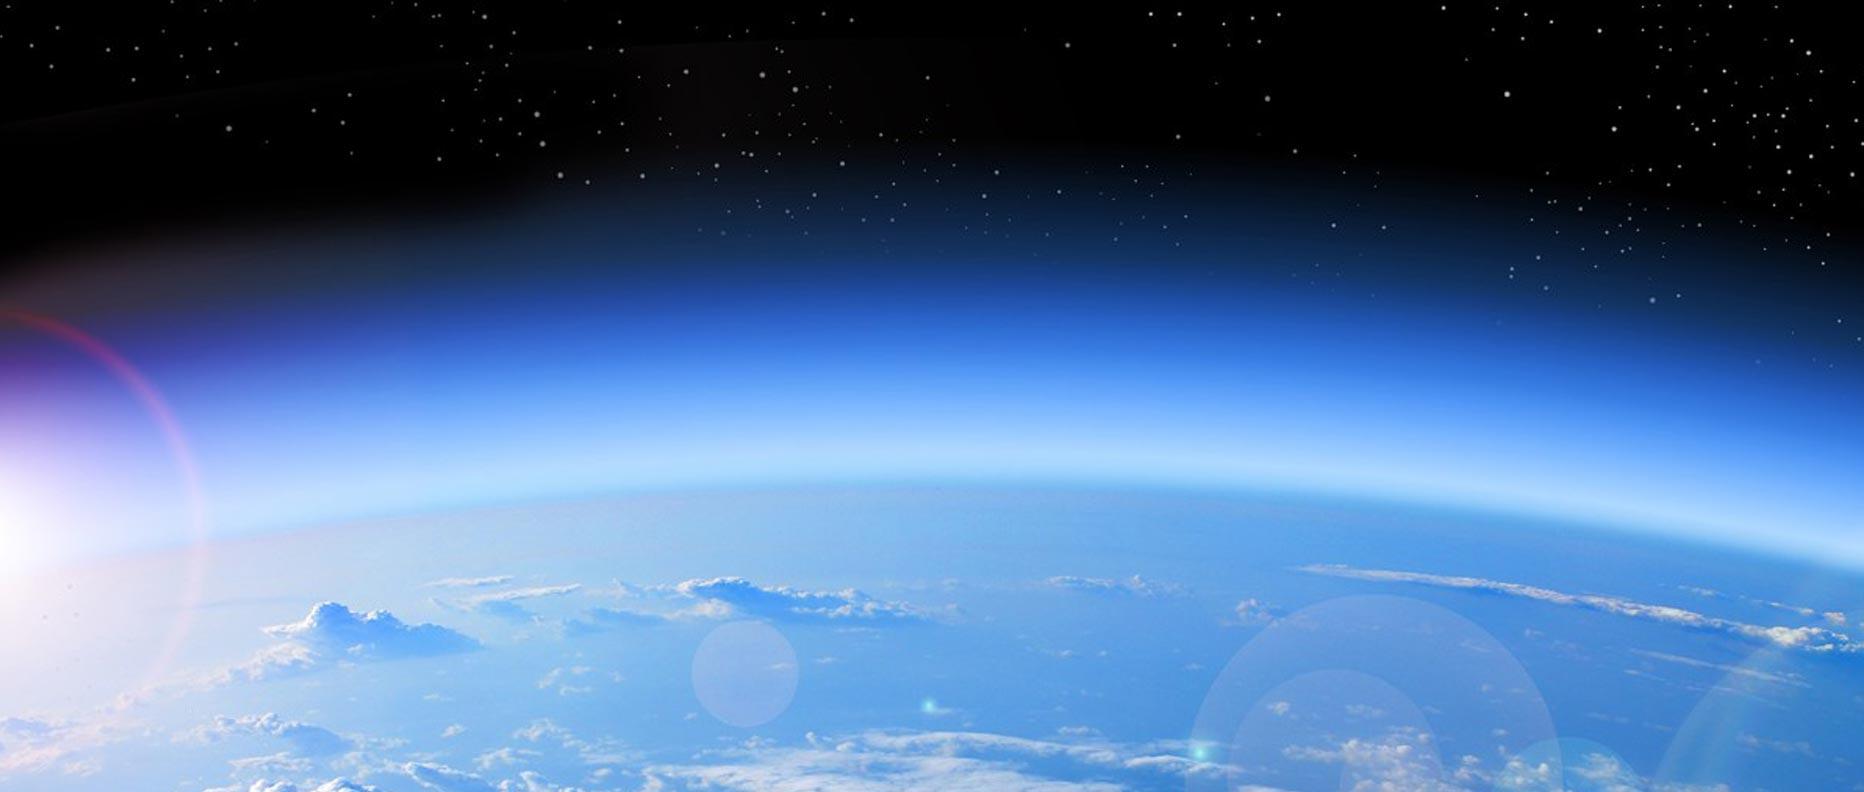 A camada de ozônio se recuperará totalmente em 50 anos